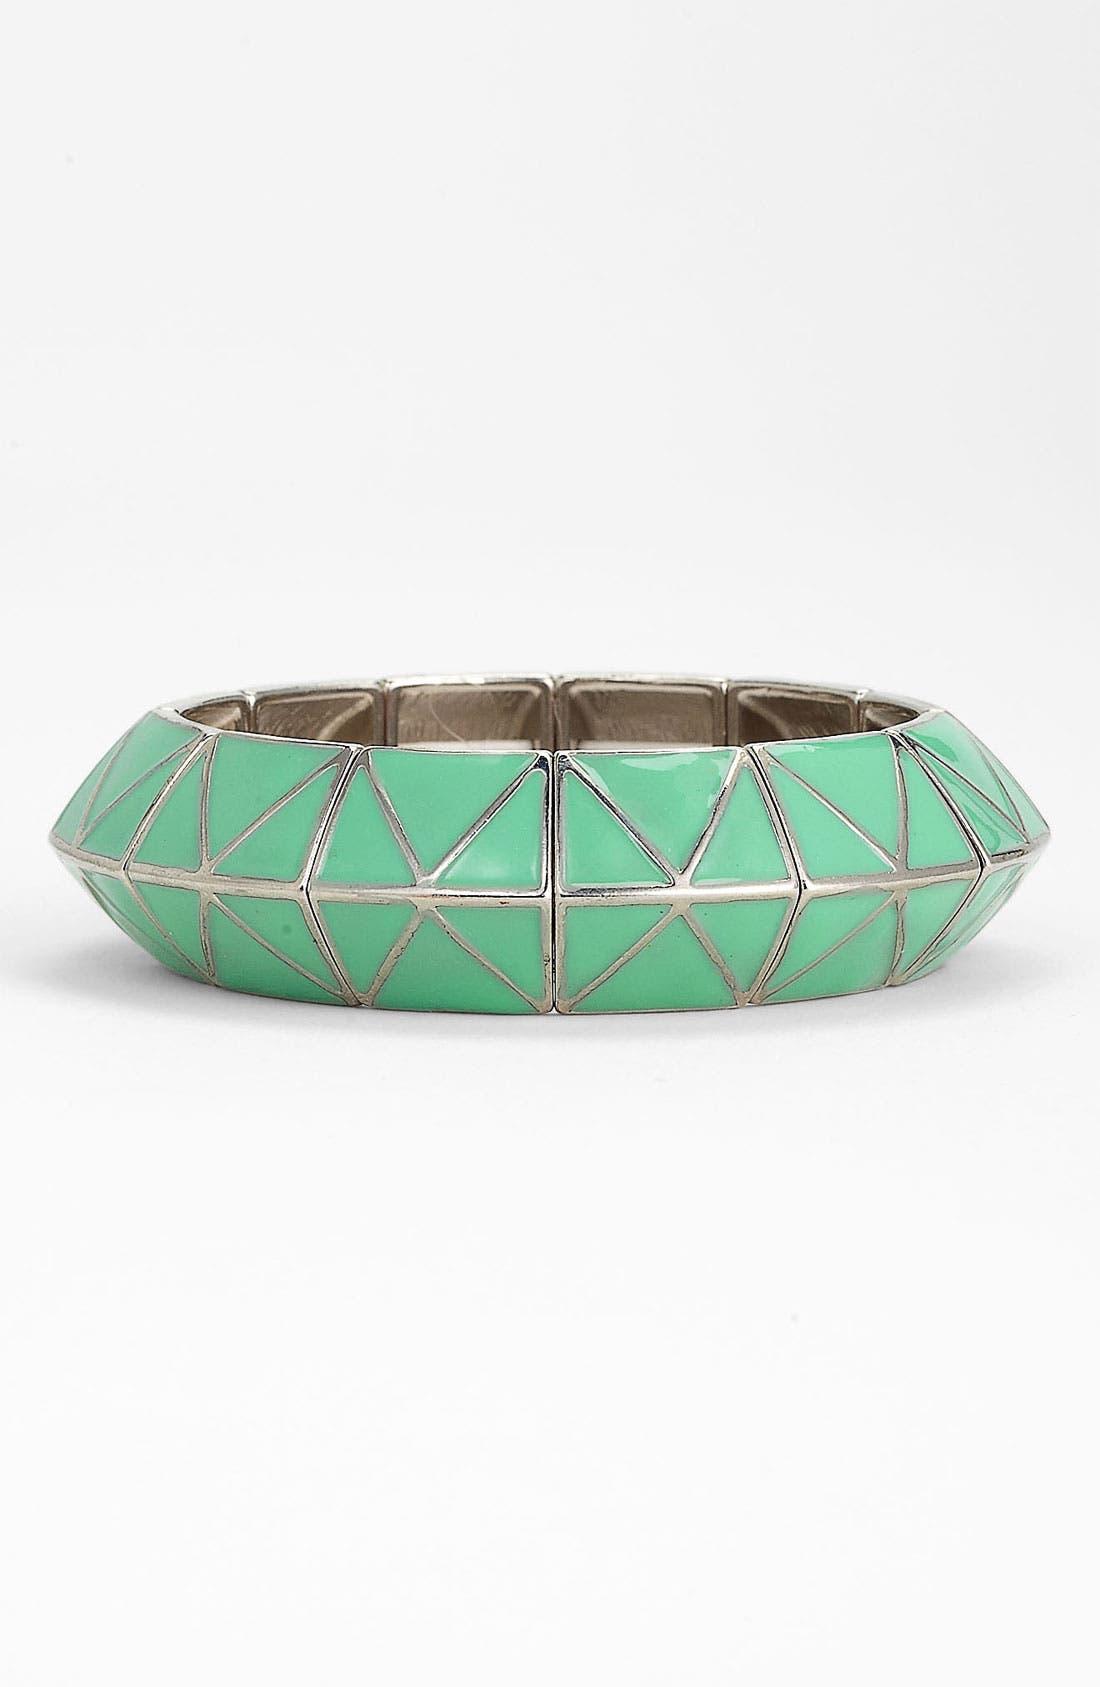 Alternate Image 1 Selected - Carole Enameled Pyramid Stretch Bracelet